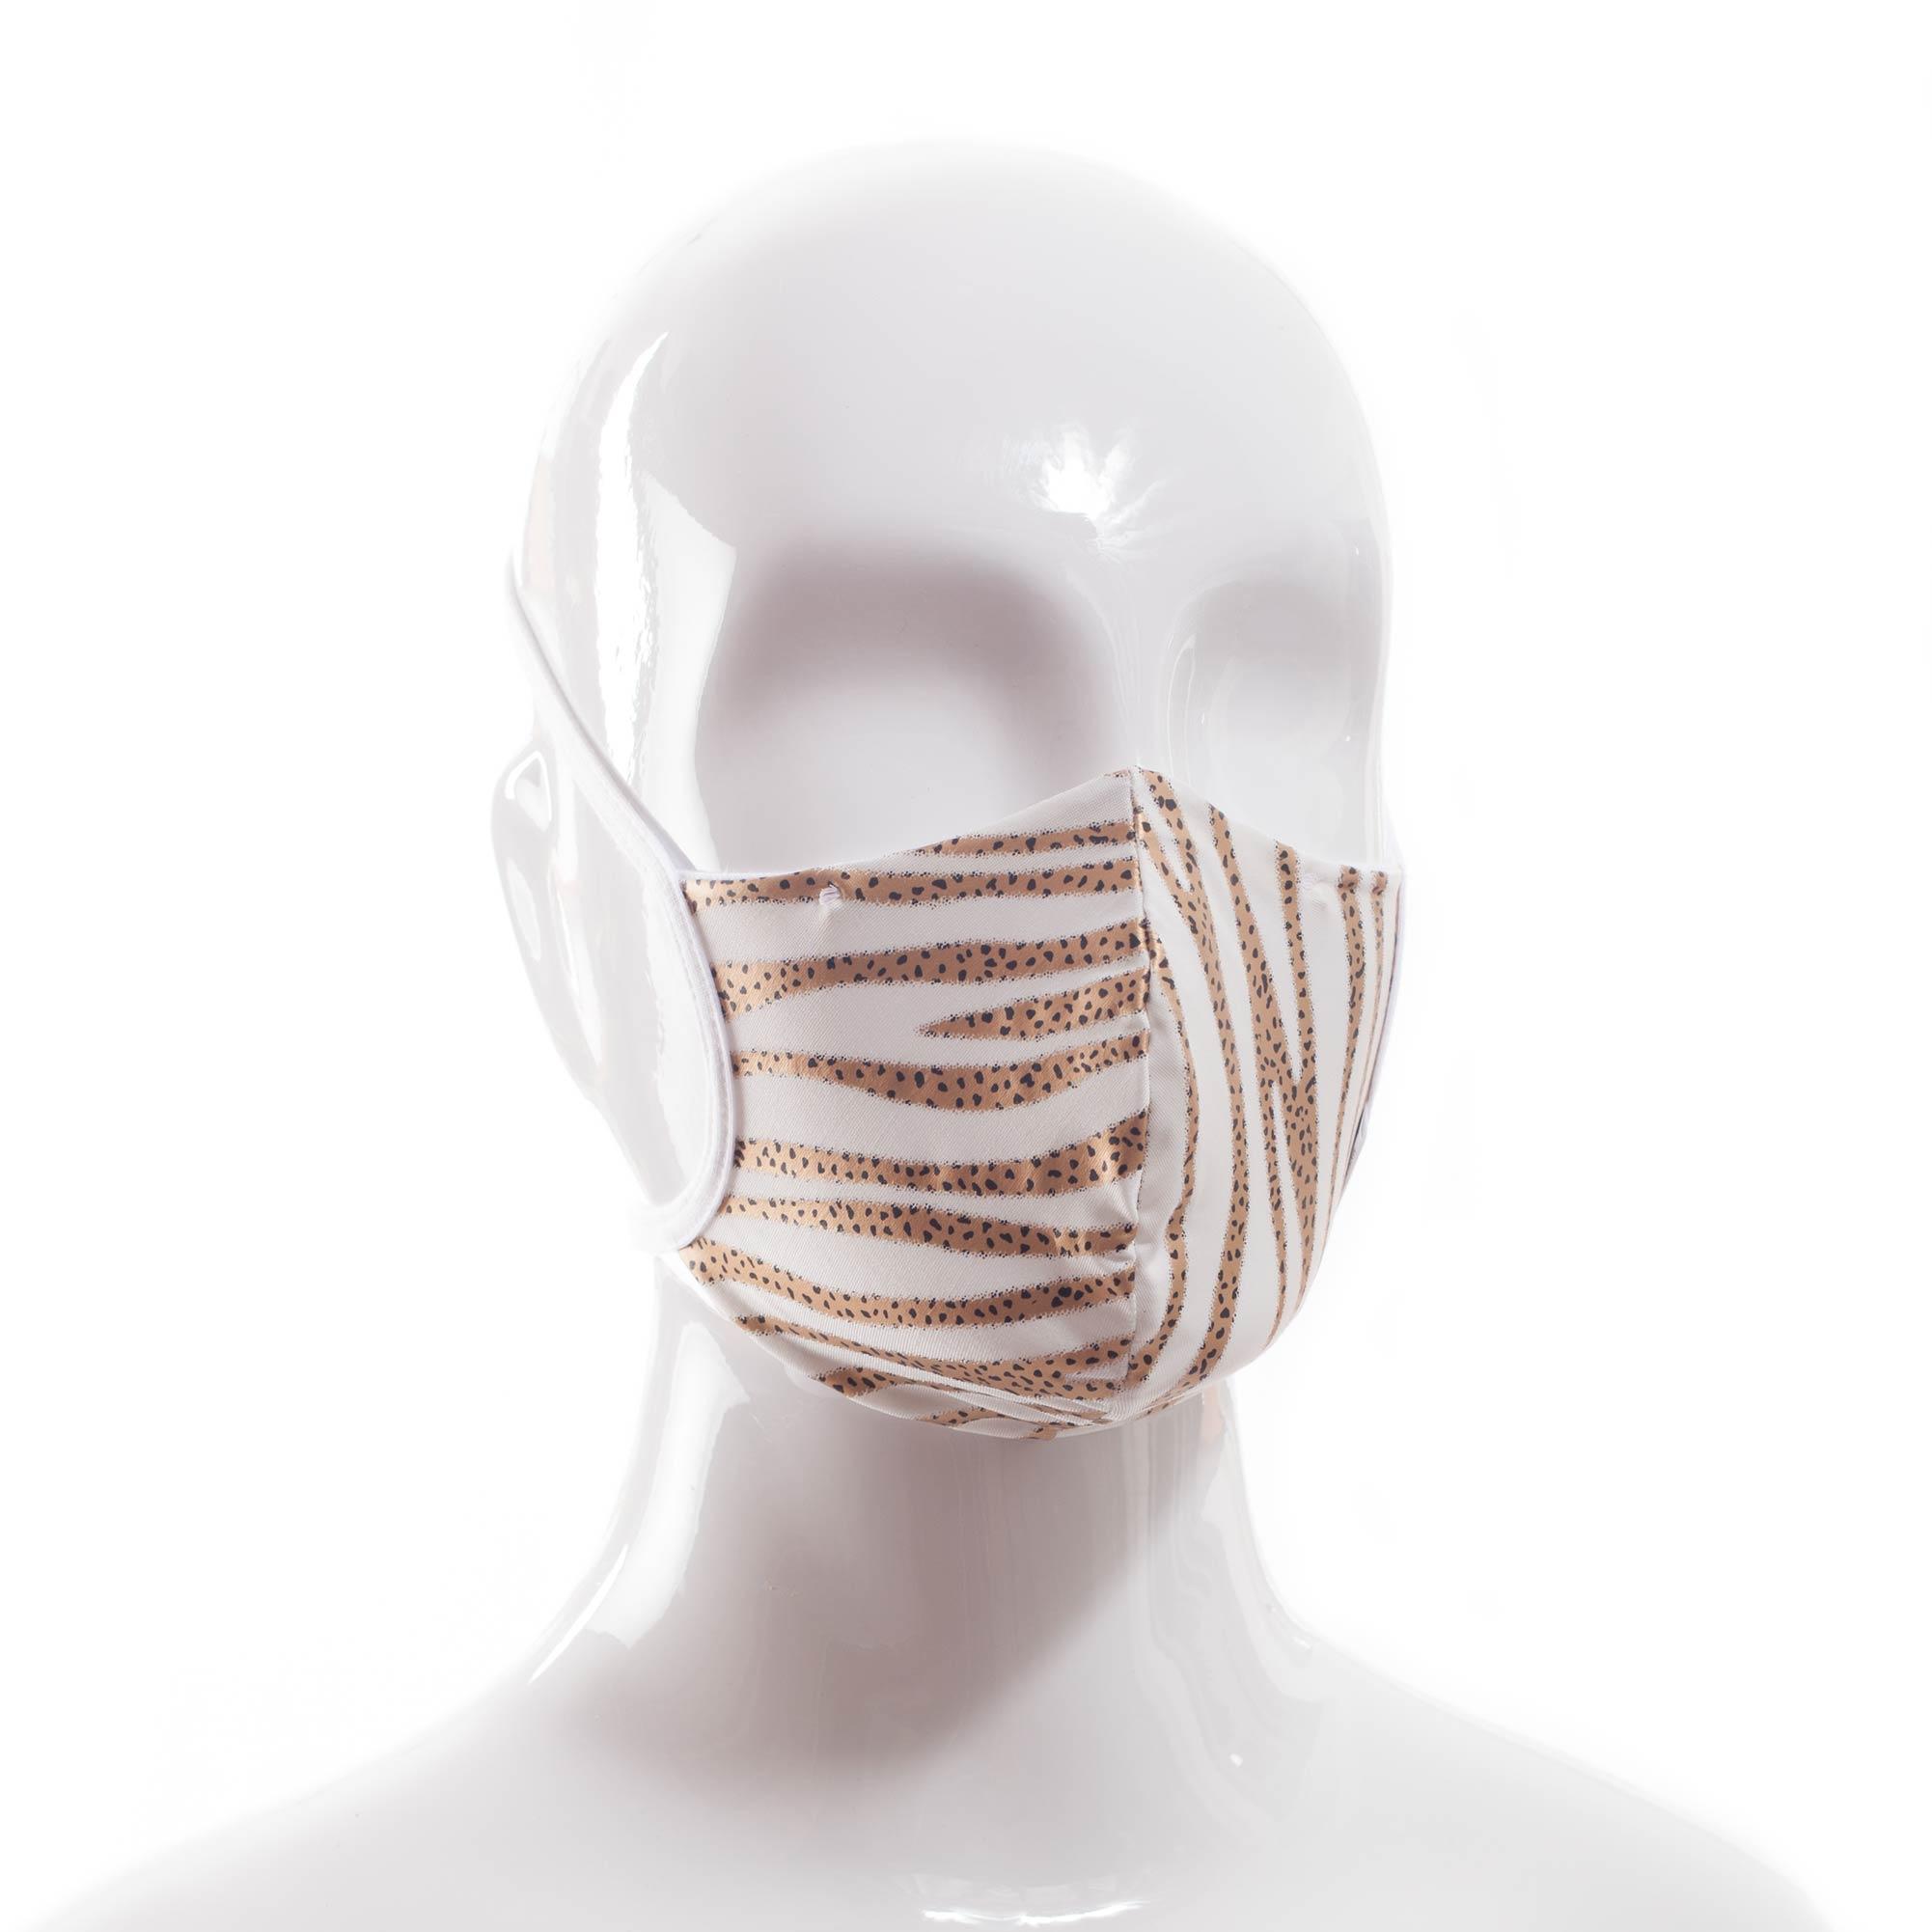 Die Baumwoll-Polyester Mund-Nasen Maske BWM4Tiger von der Wonneberger Manufaktur ist eine textile Behelfsmaske, kein zertifizierter Mundschutz.  Sie schützt nur bedingt vor Ansteckung. Ihr eigentlicher Zweck ist es, den Atem des Trägers zu filtern und dadurch seine Umgebung zu schützen.  Daher muss die…